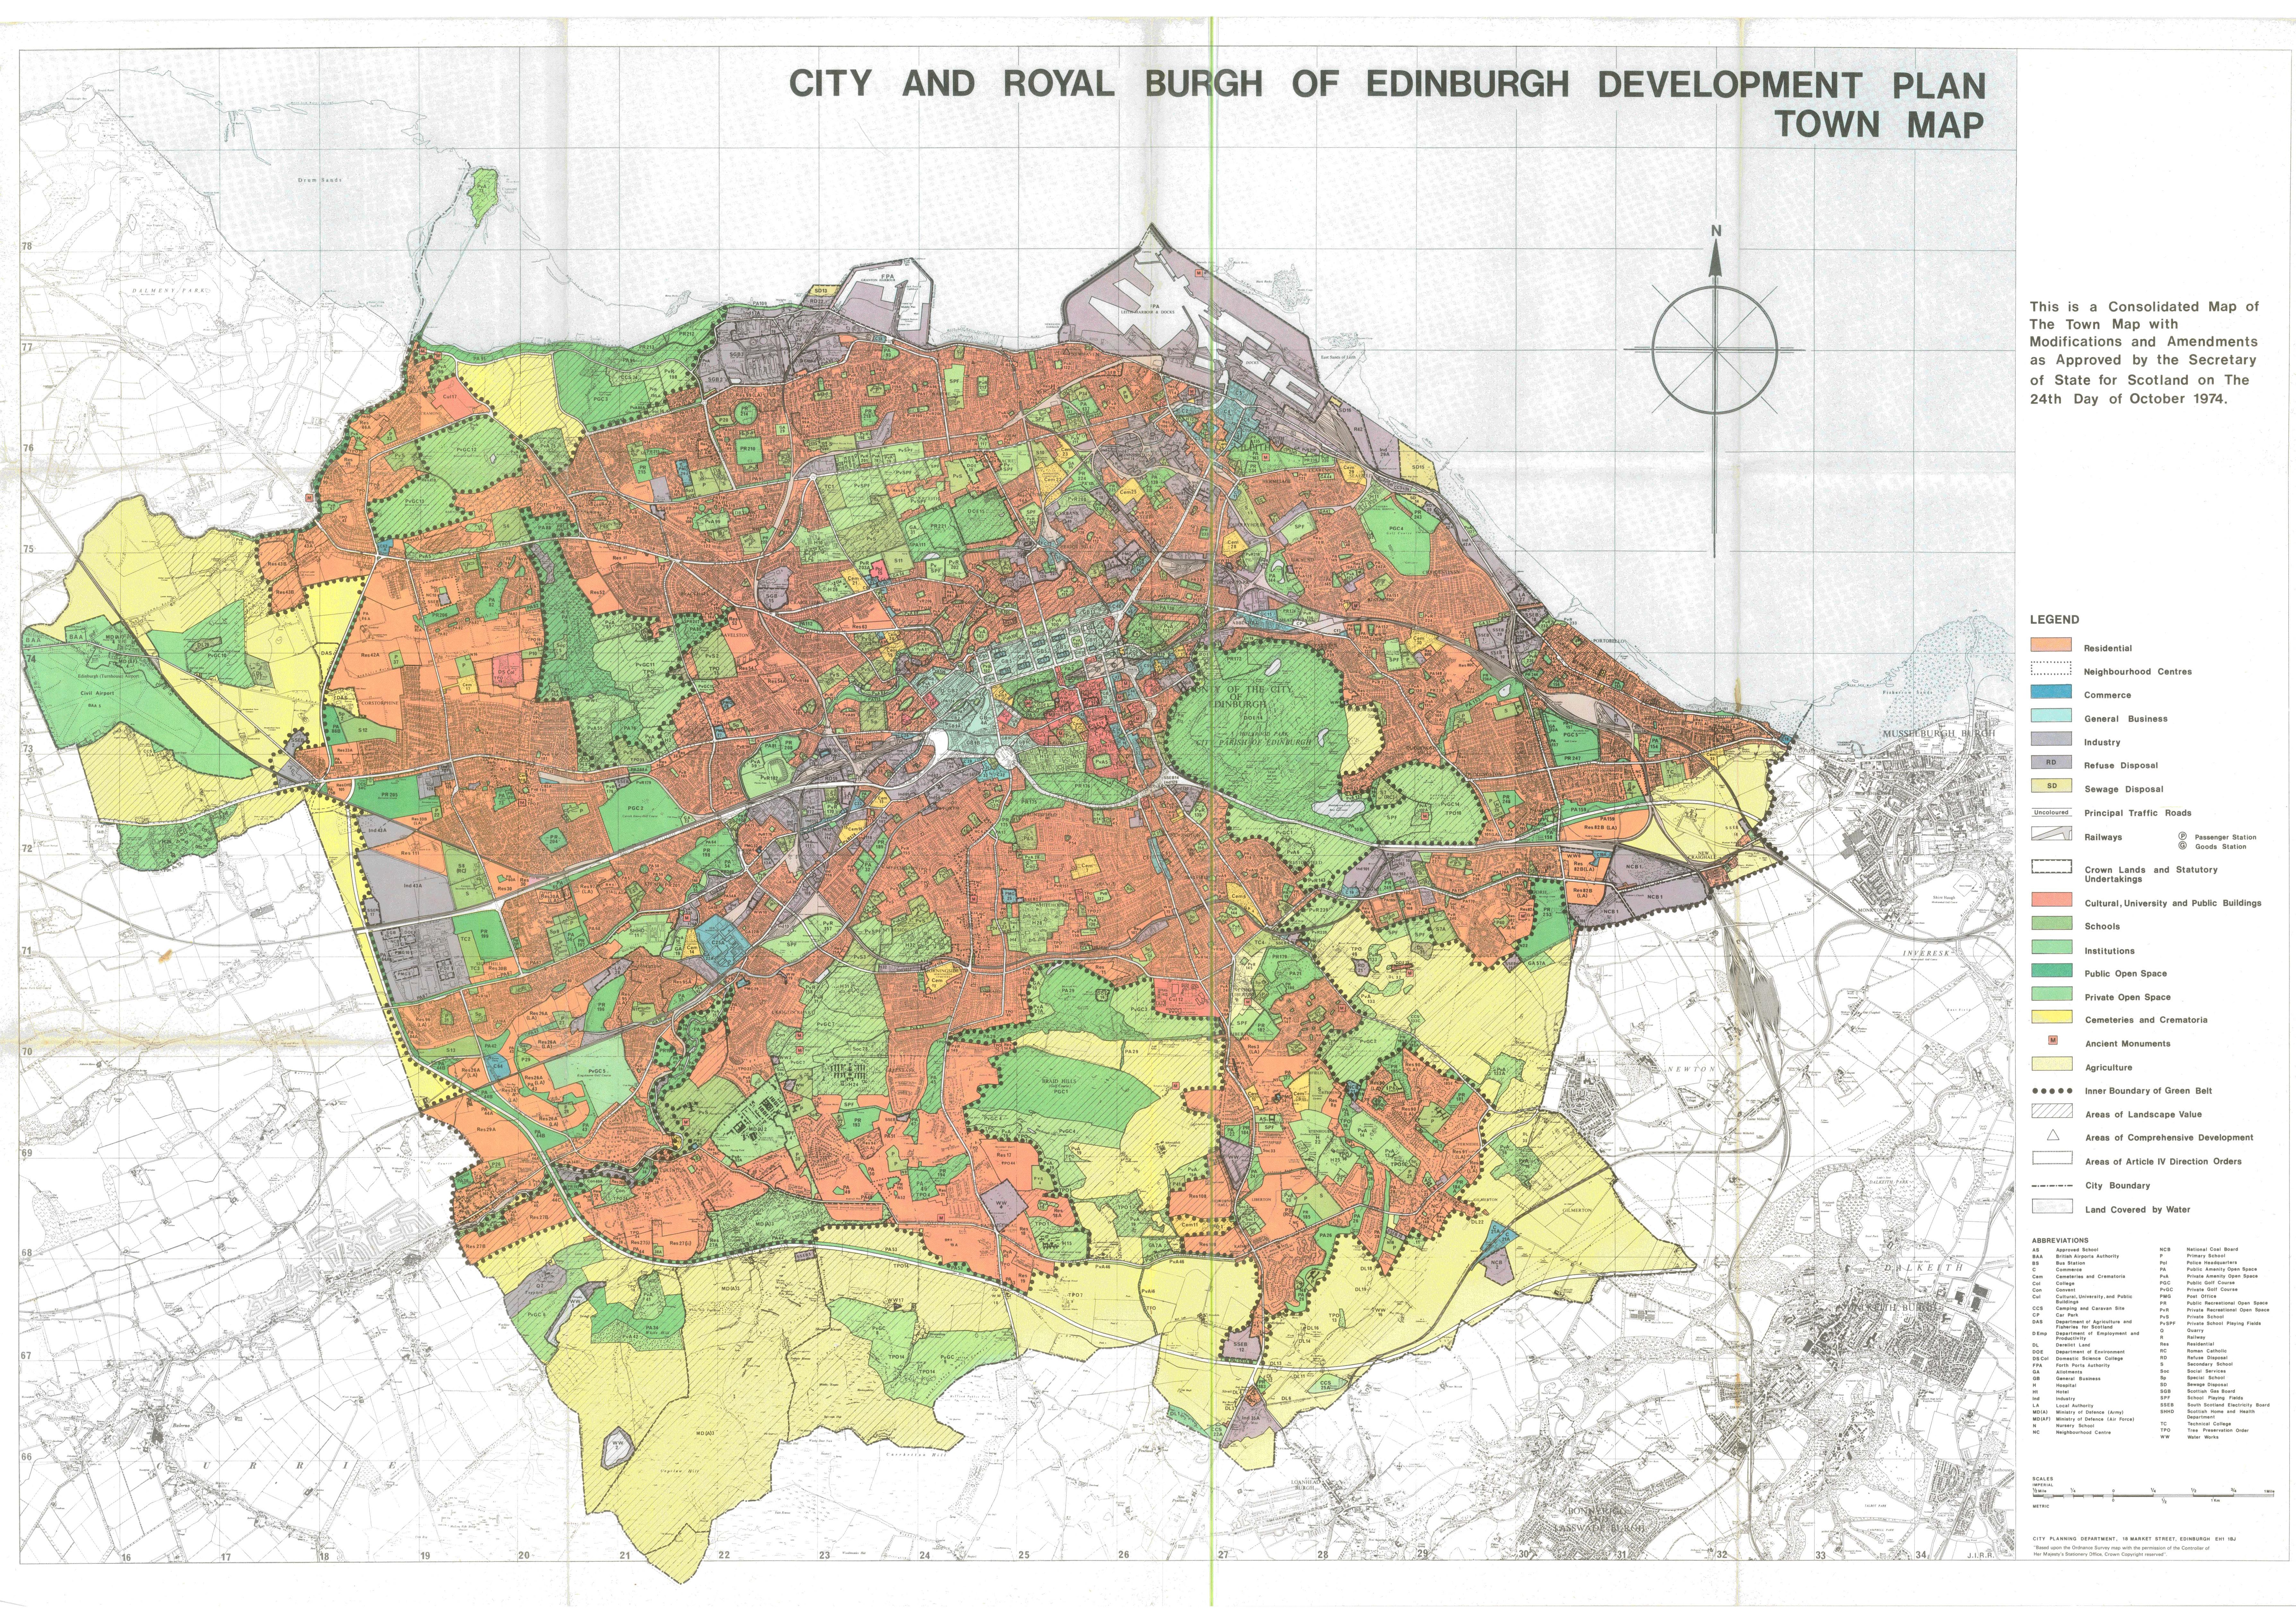 1965 proposal map